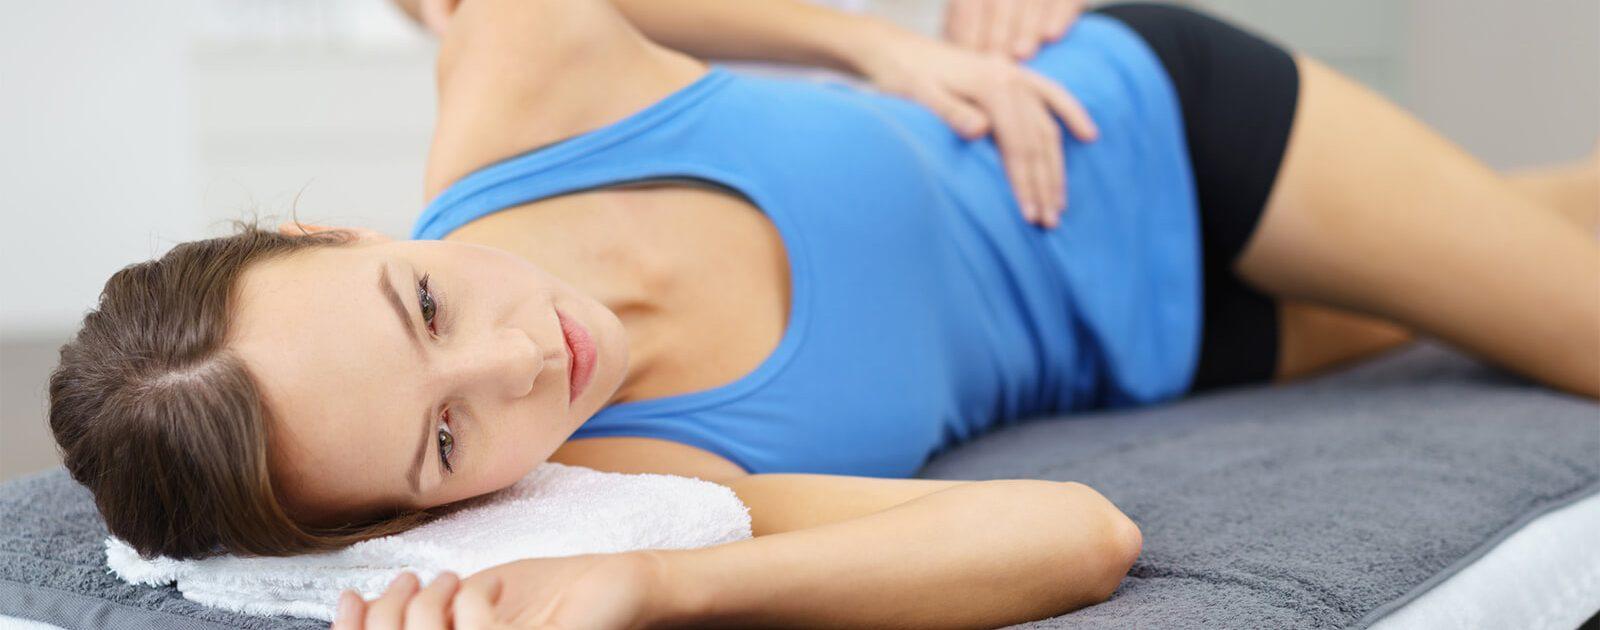 Der Bandscheibenvorfall einer Frau wird mit einer Schmerztherapie behandelt.